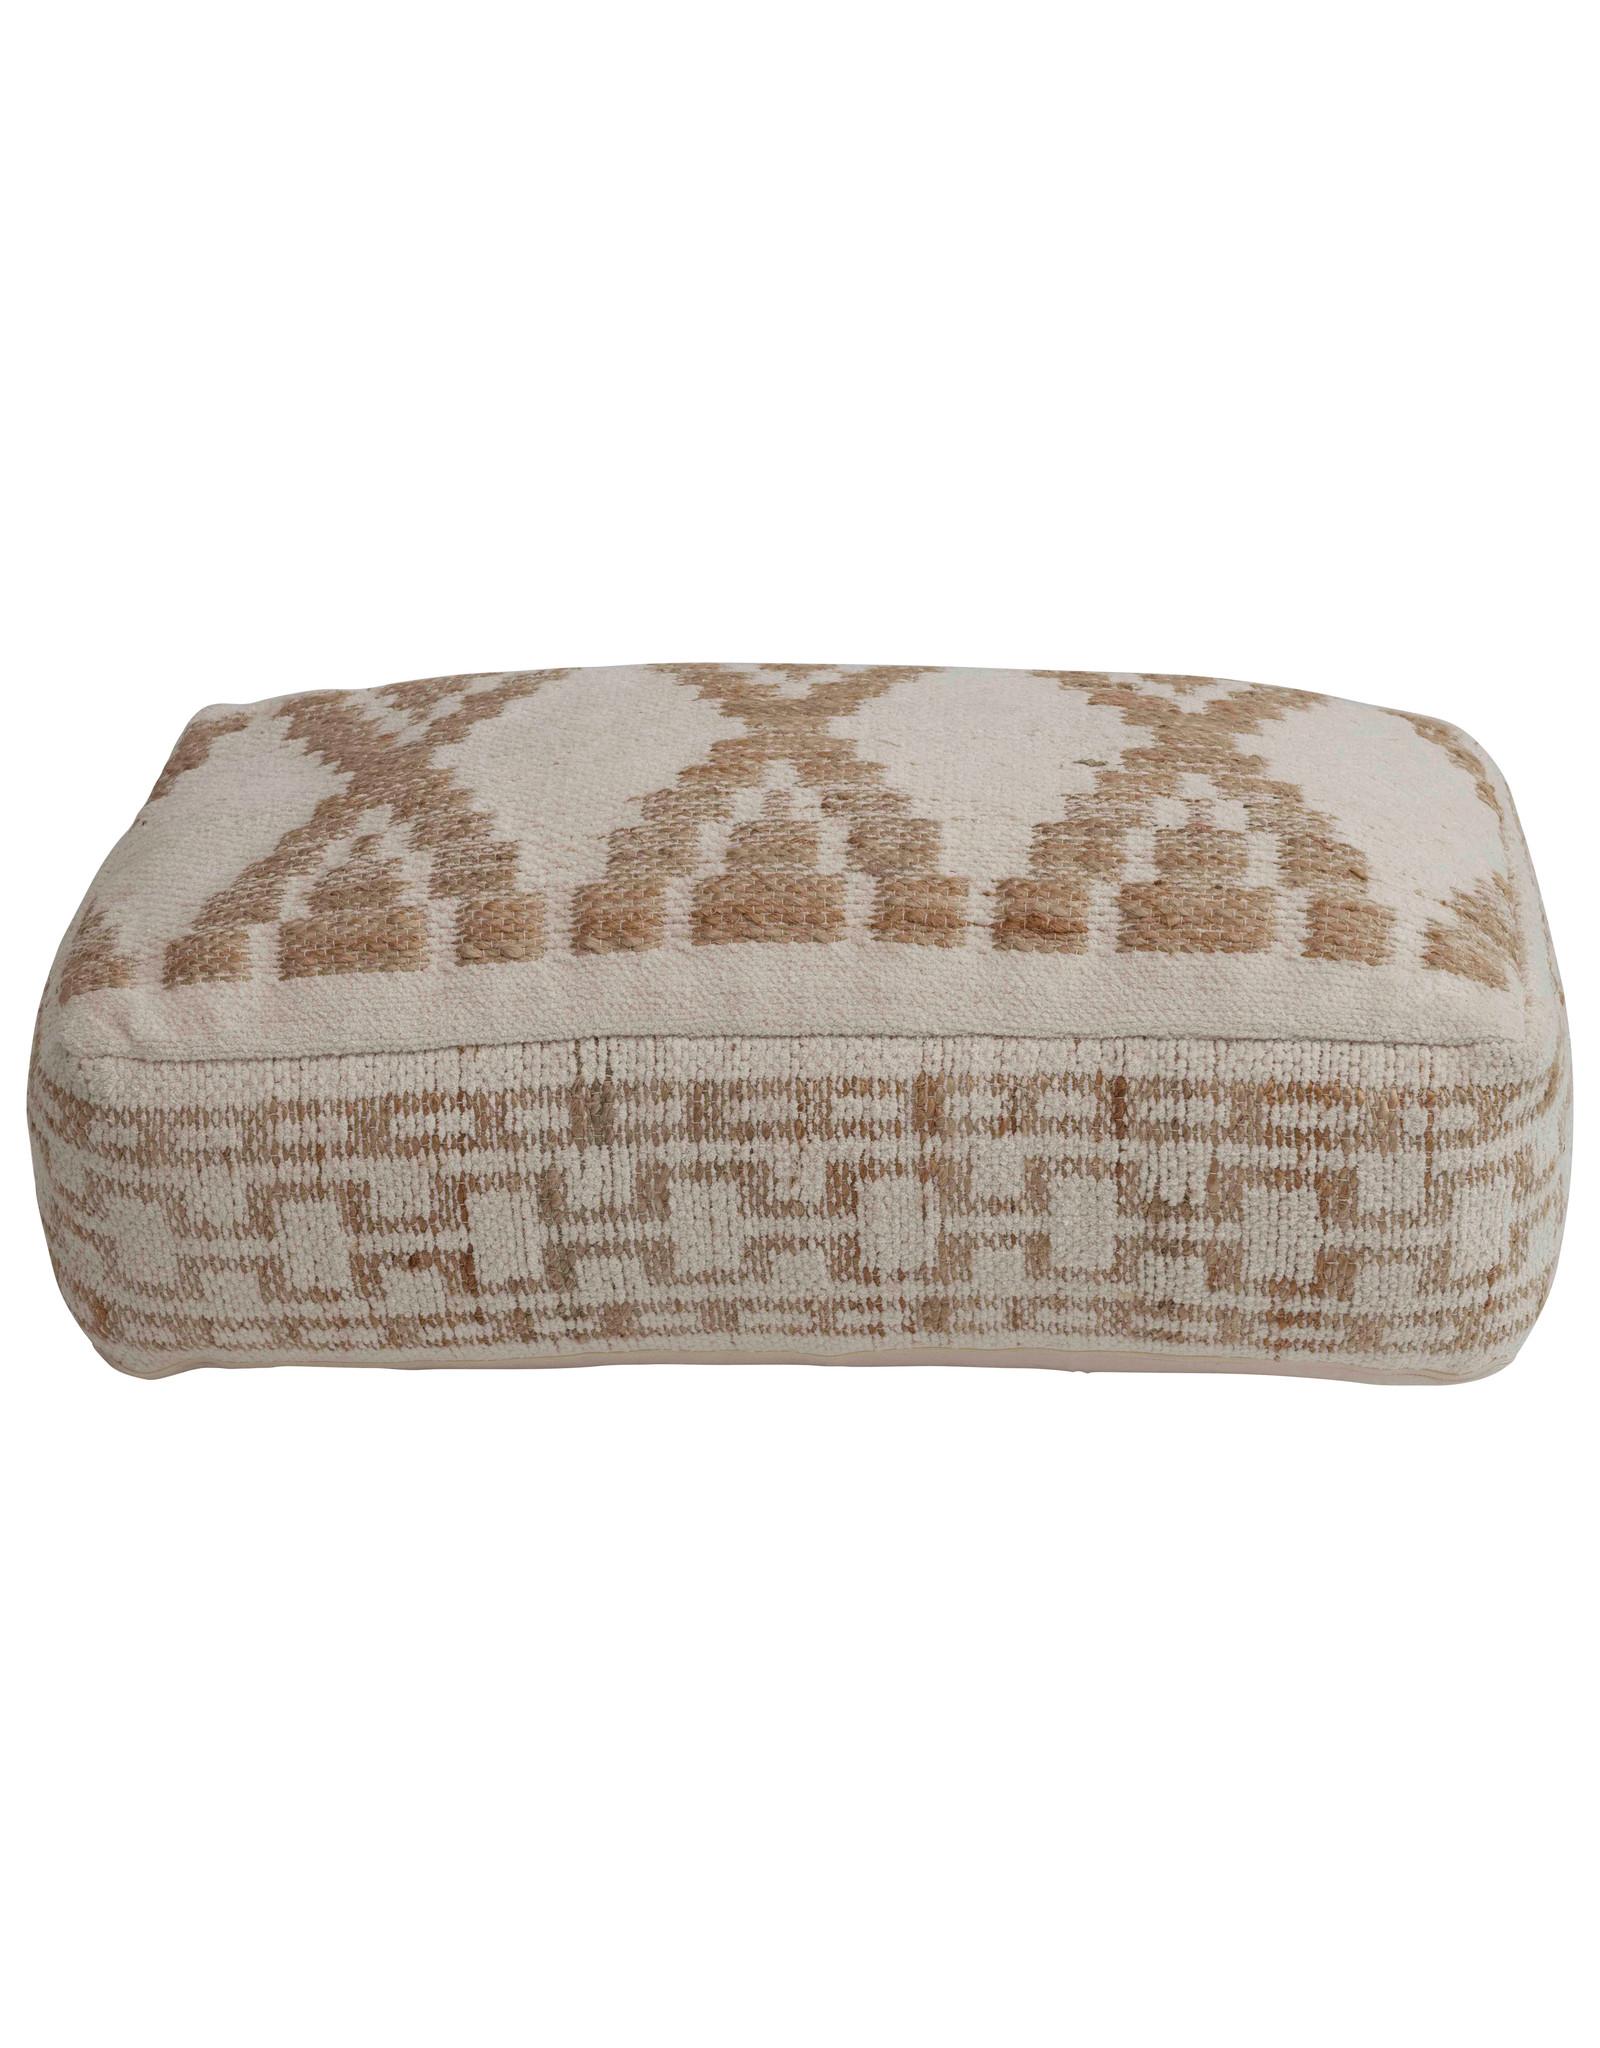 """10""""H Handwoven Cotton & Wool Blend Kilim Pouf"""